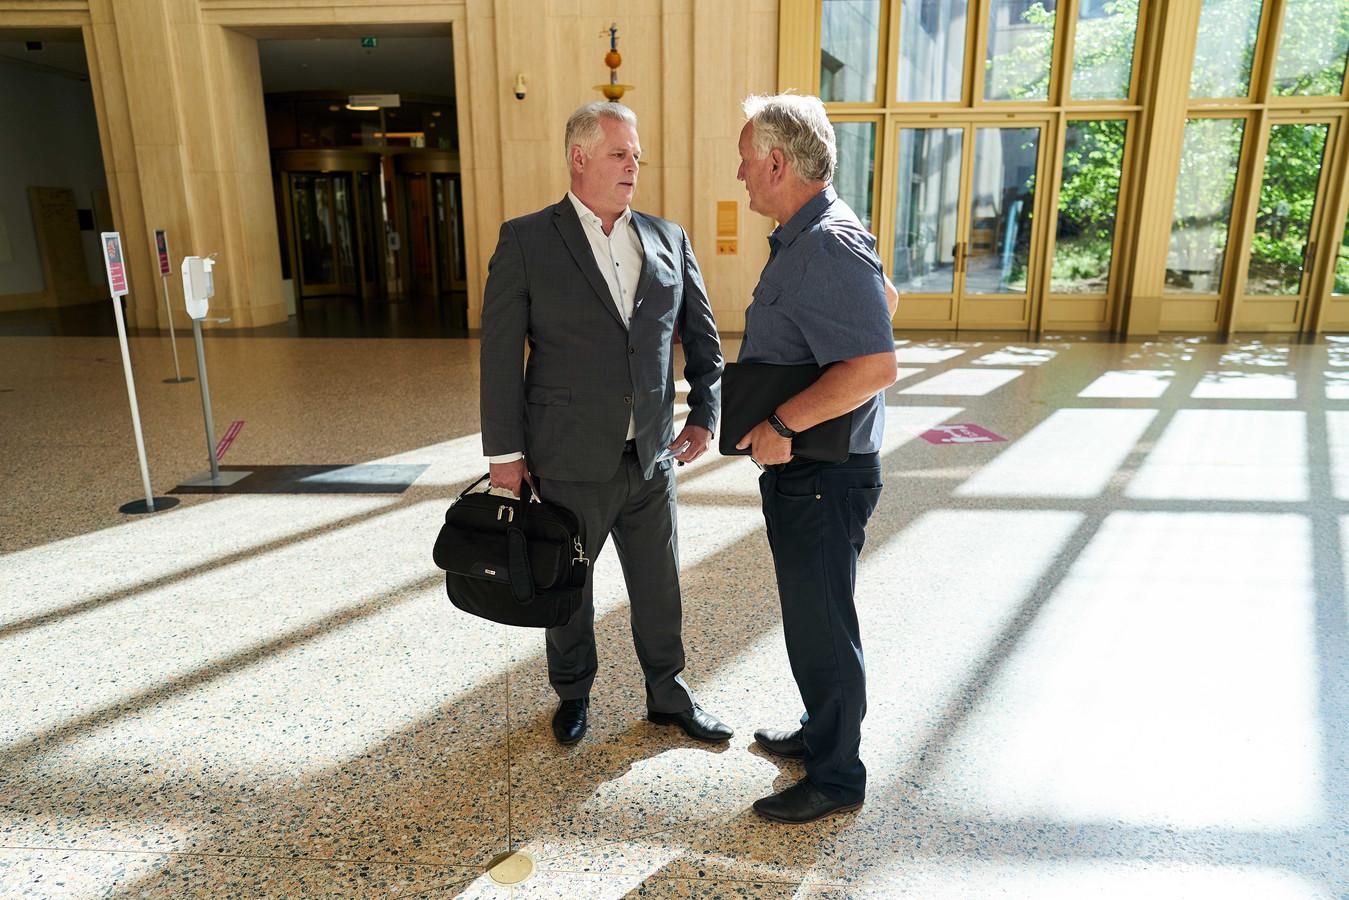 Voorzitters van de politievakbonden Gerrit van de Kamp (ACP) en Jan Struijs (NPB) op het ministerie van Justitie en Veiligheid.